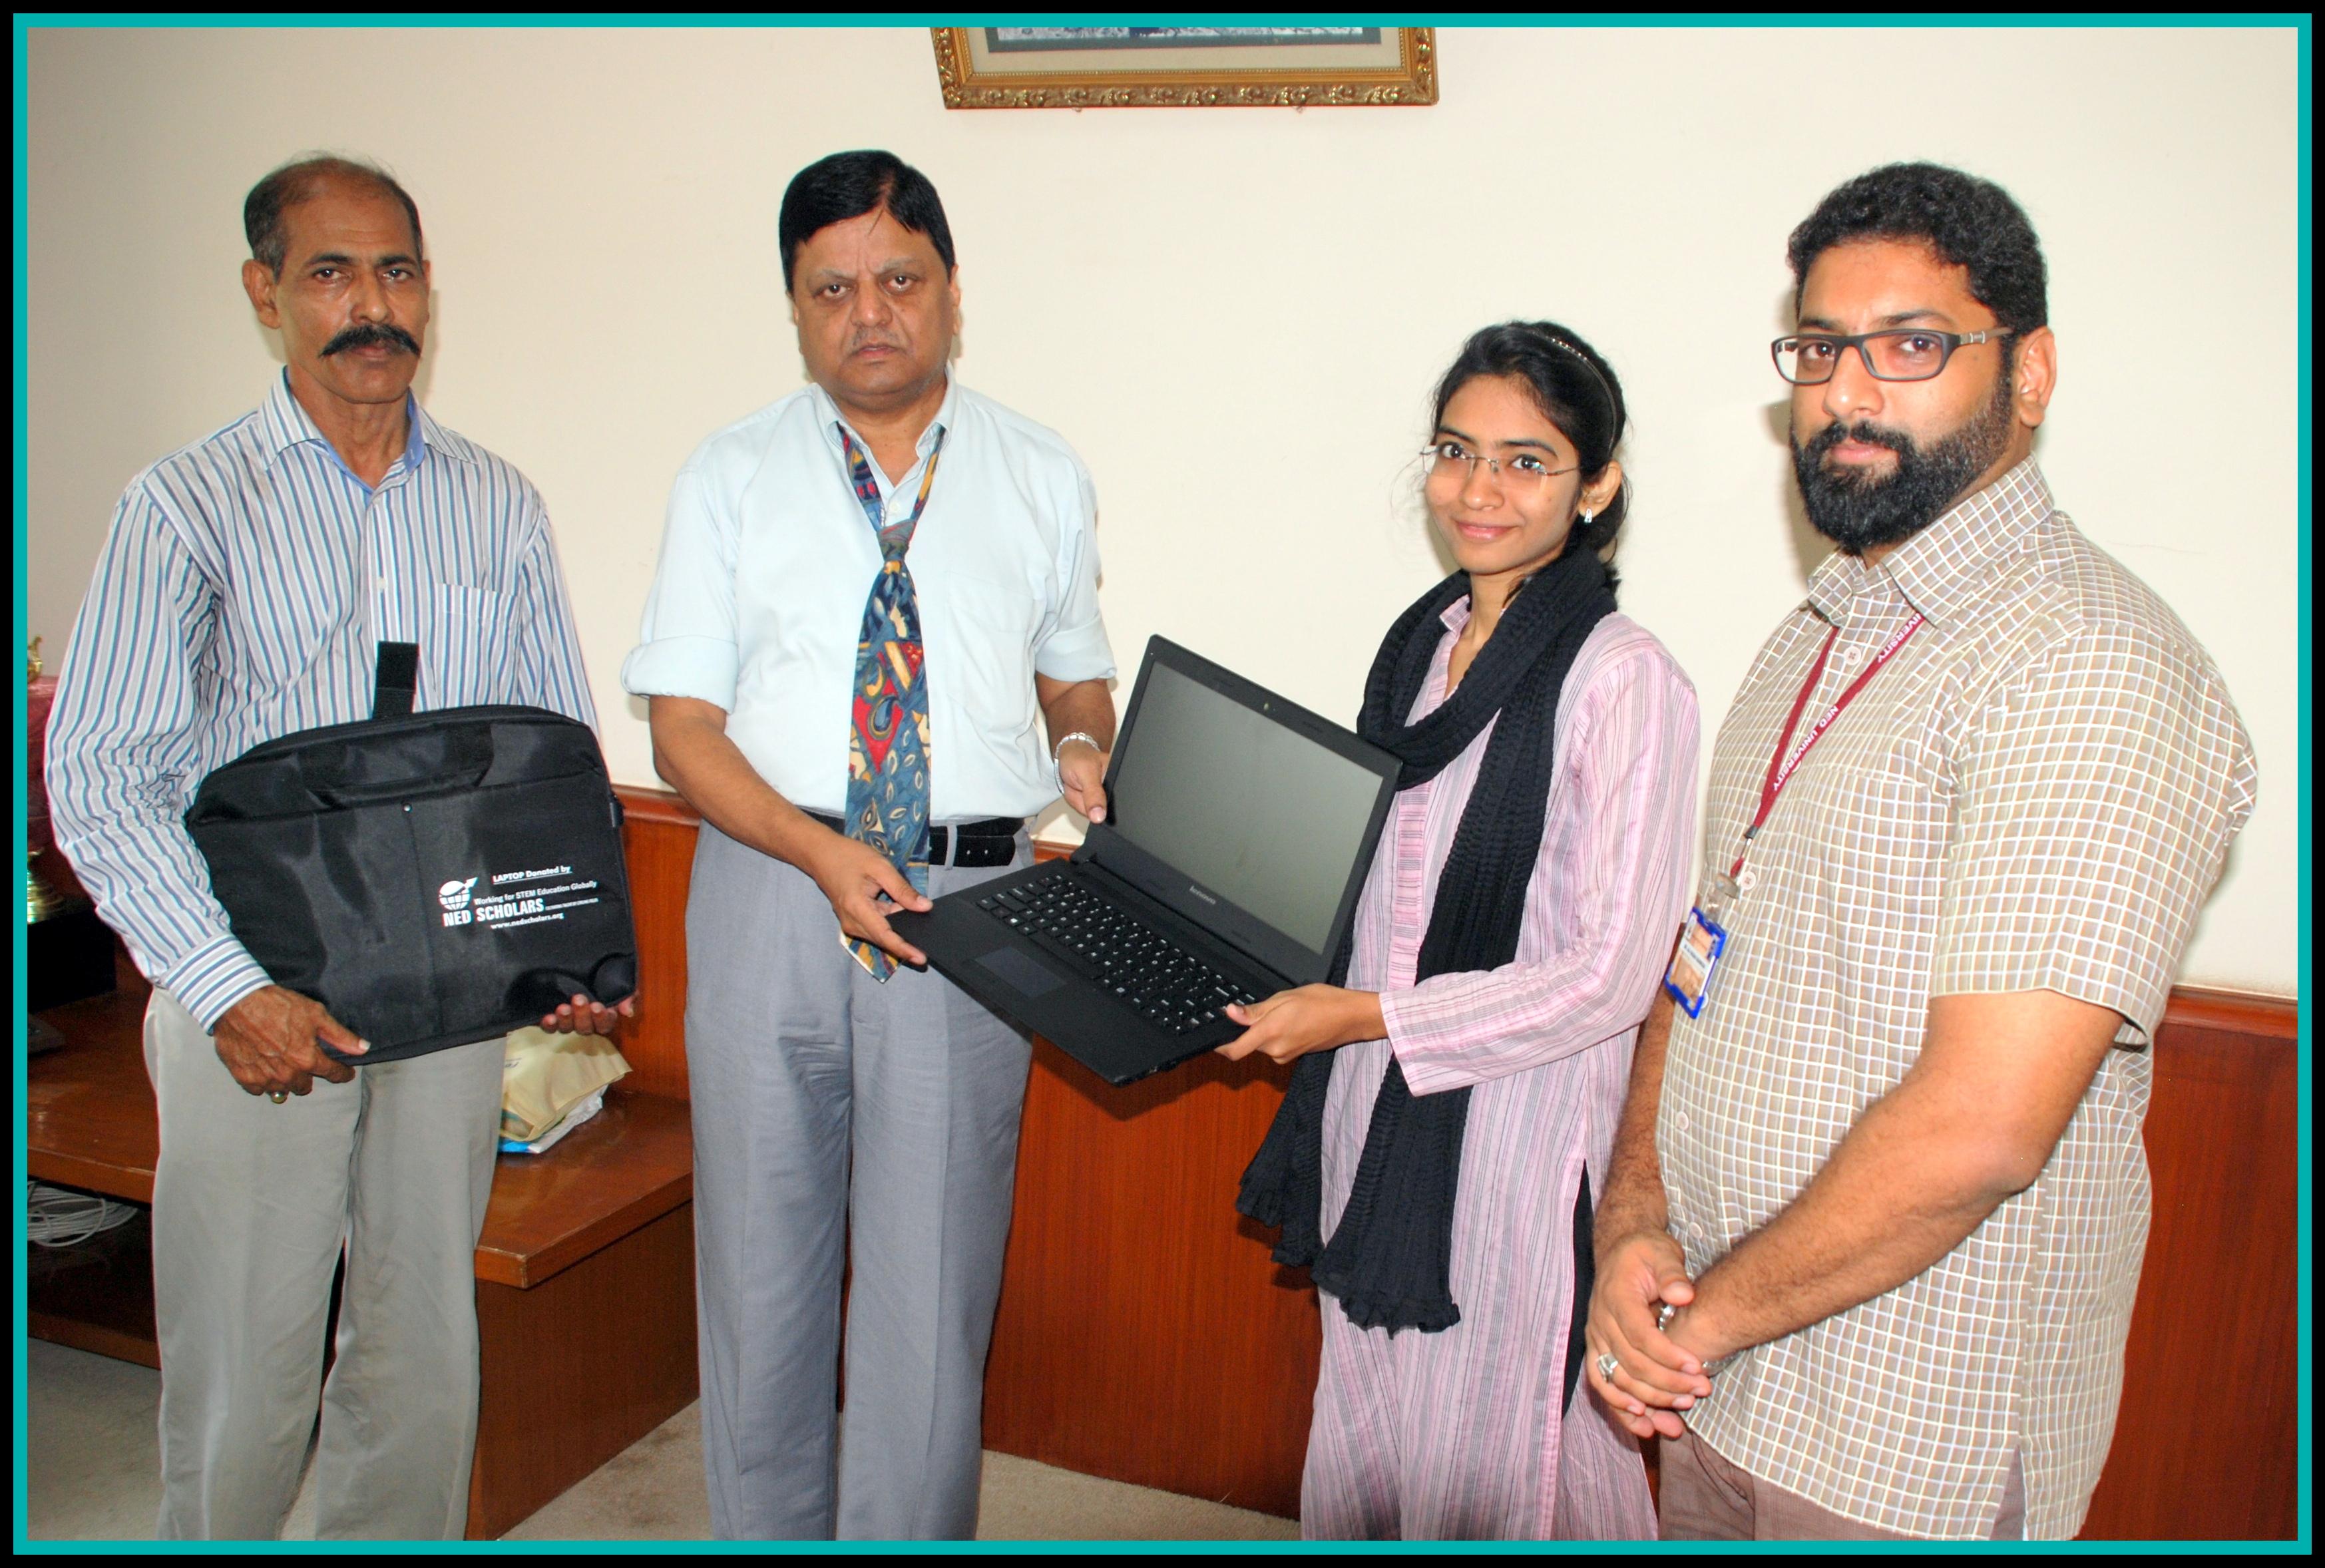 Mahnoor receiving her laptop